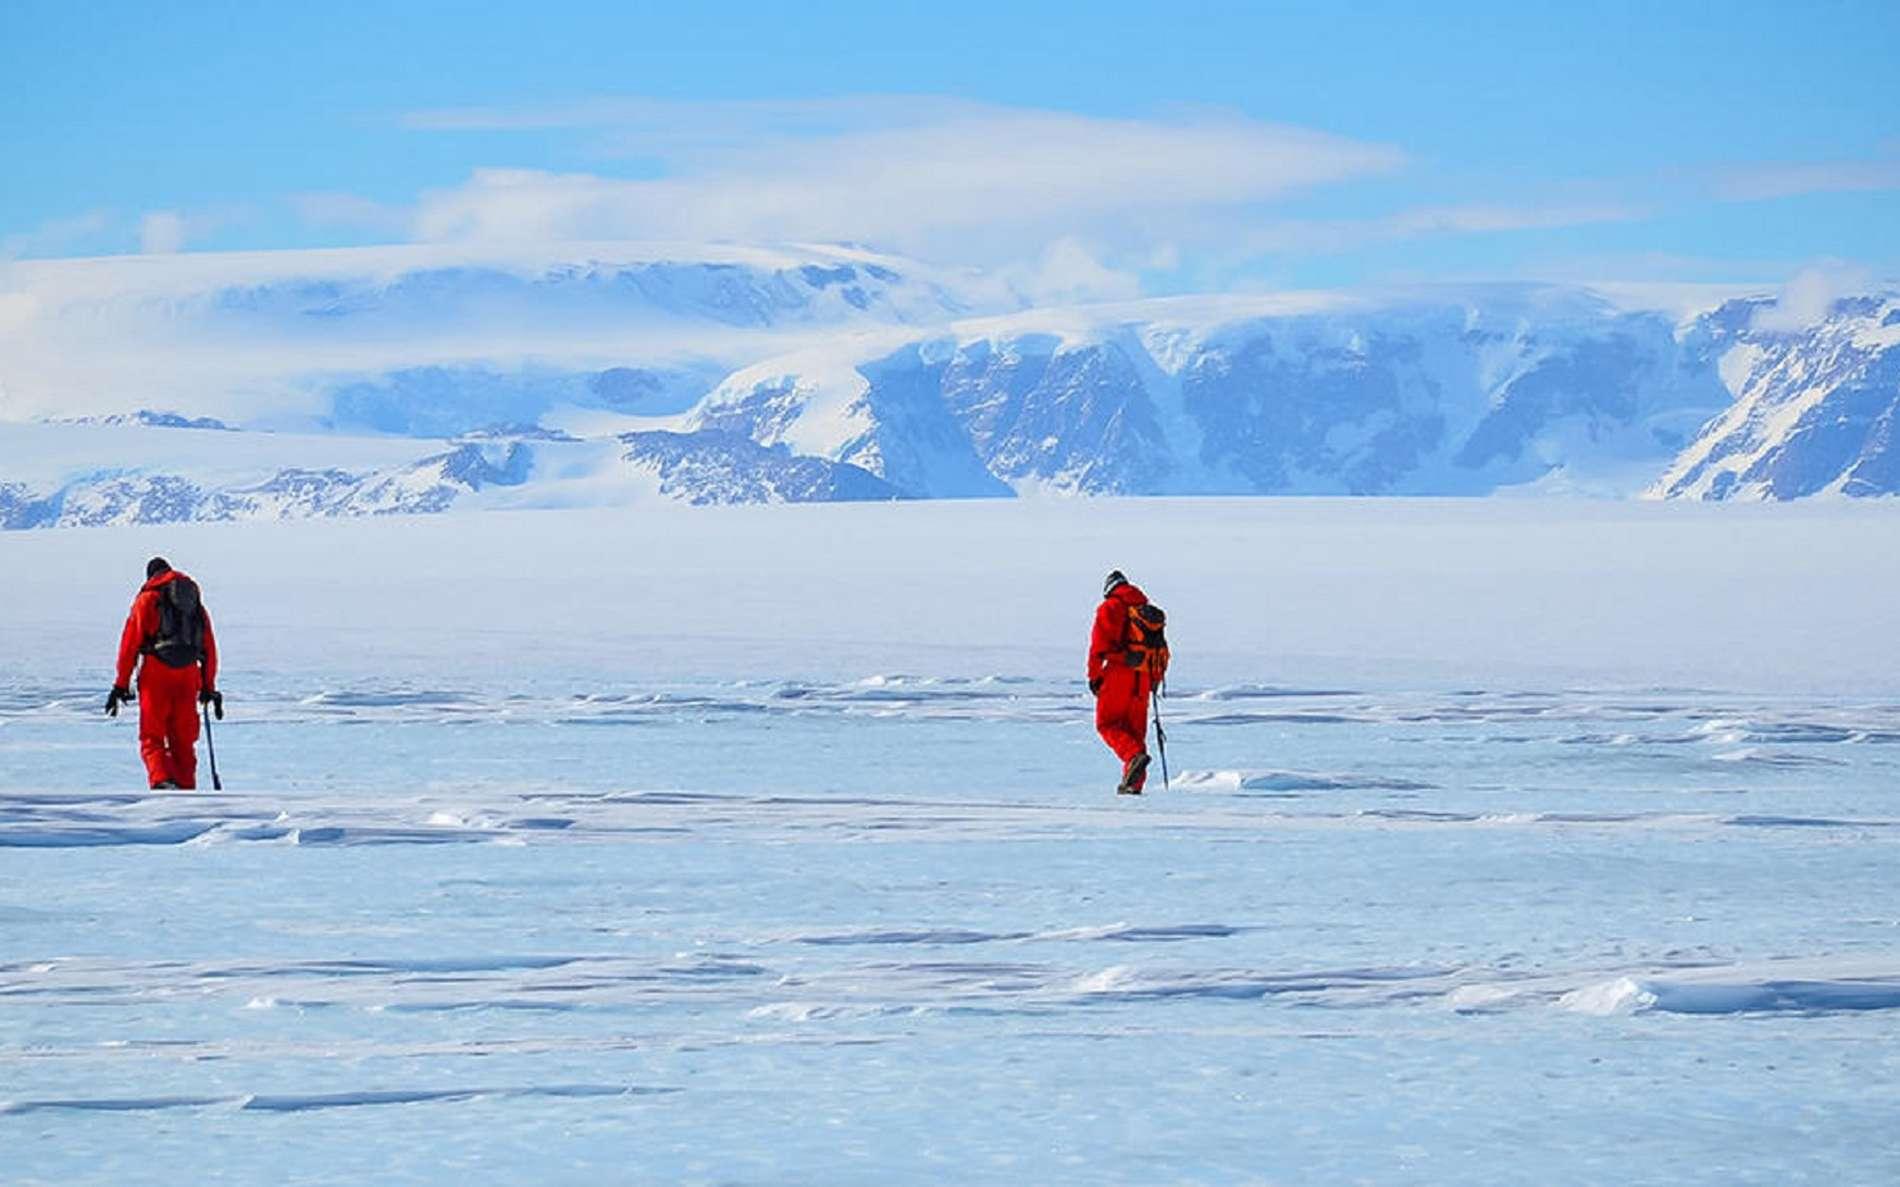 Antarctique, chasseurs de météorites. CNRS - Le Journal. © J. GATTACCECA, L. FOLCO, M. GEMELLI / PNRA.